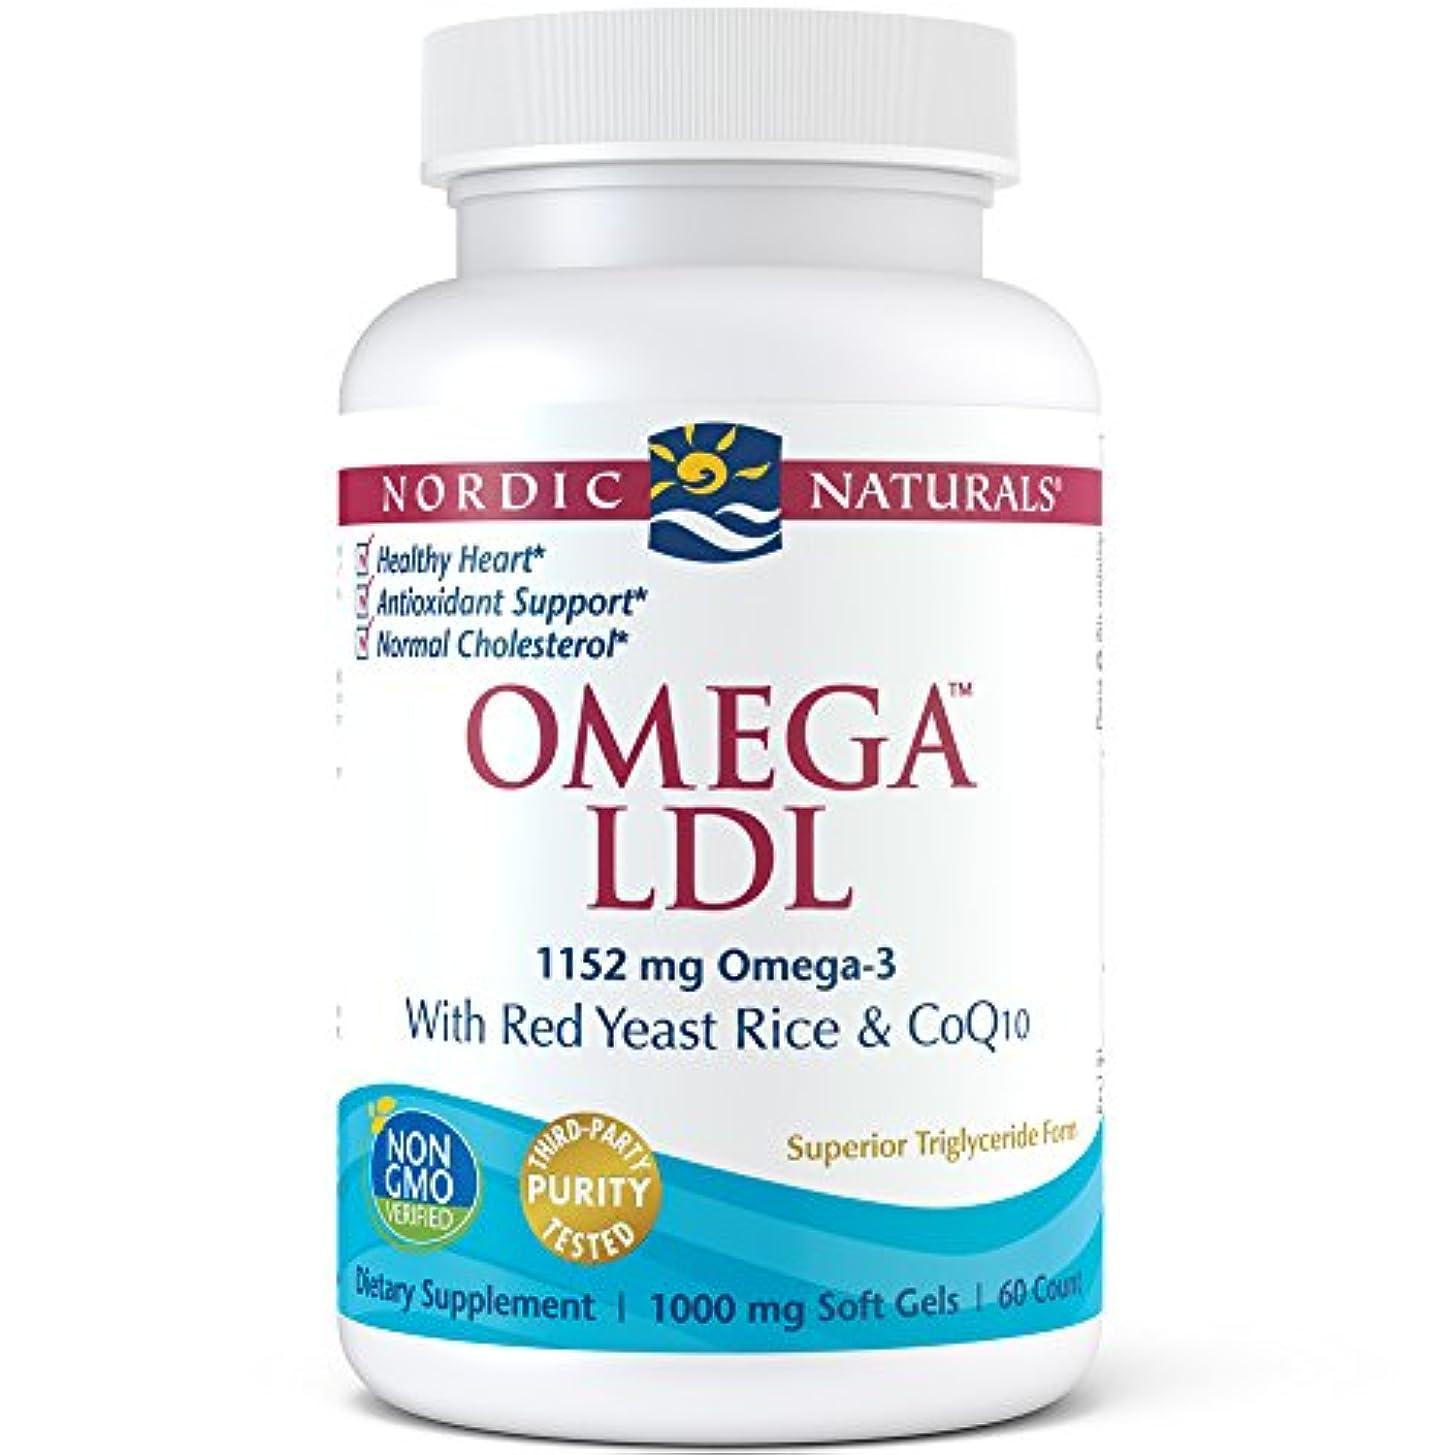 ヘッドレス社交的疑わしいNordic Naturals オメガ LDL 60 カウント